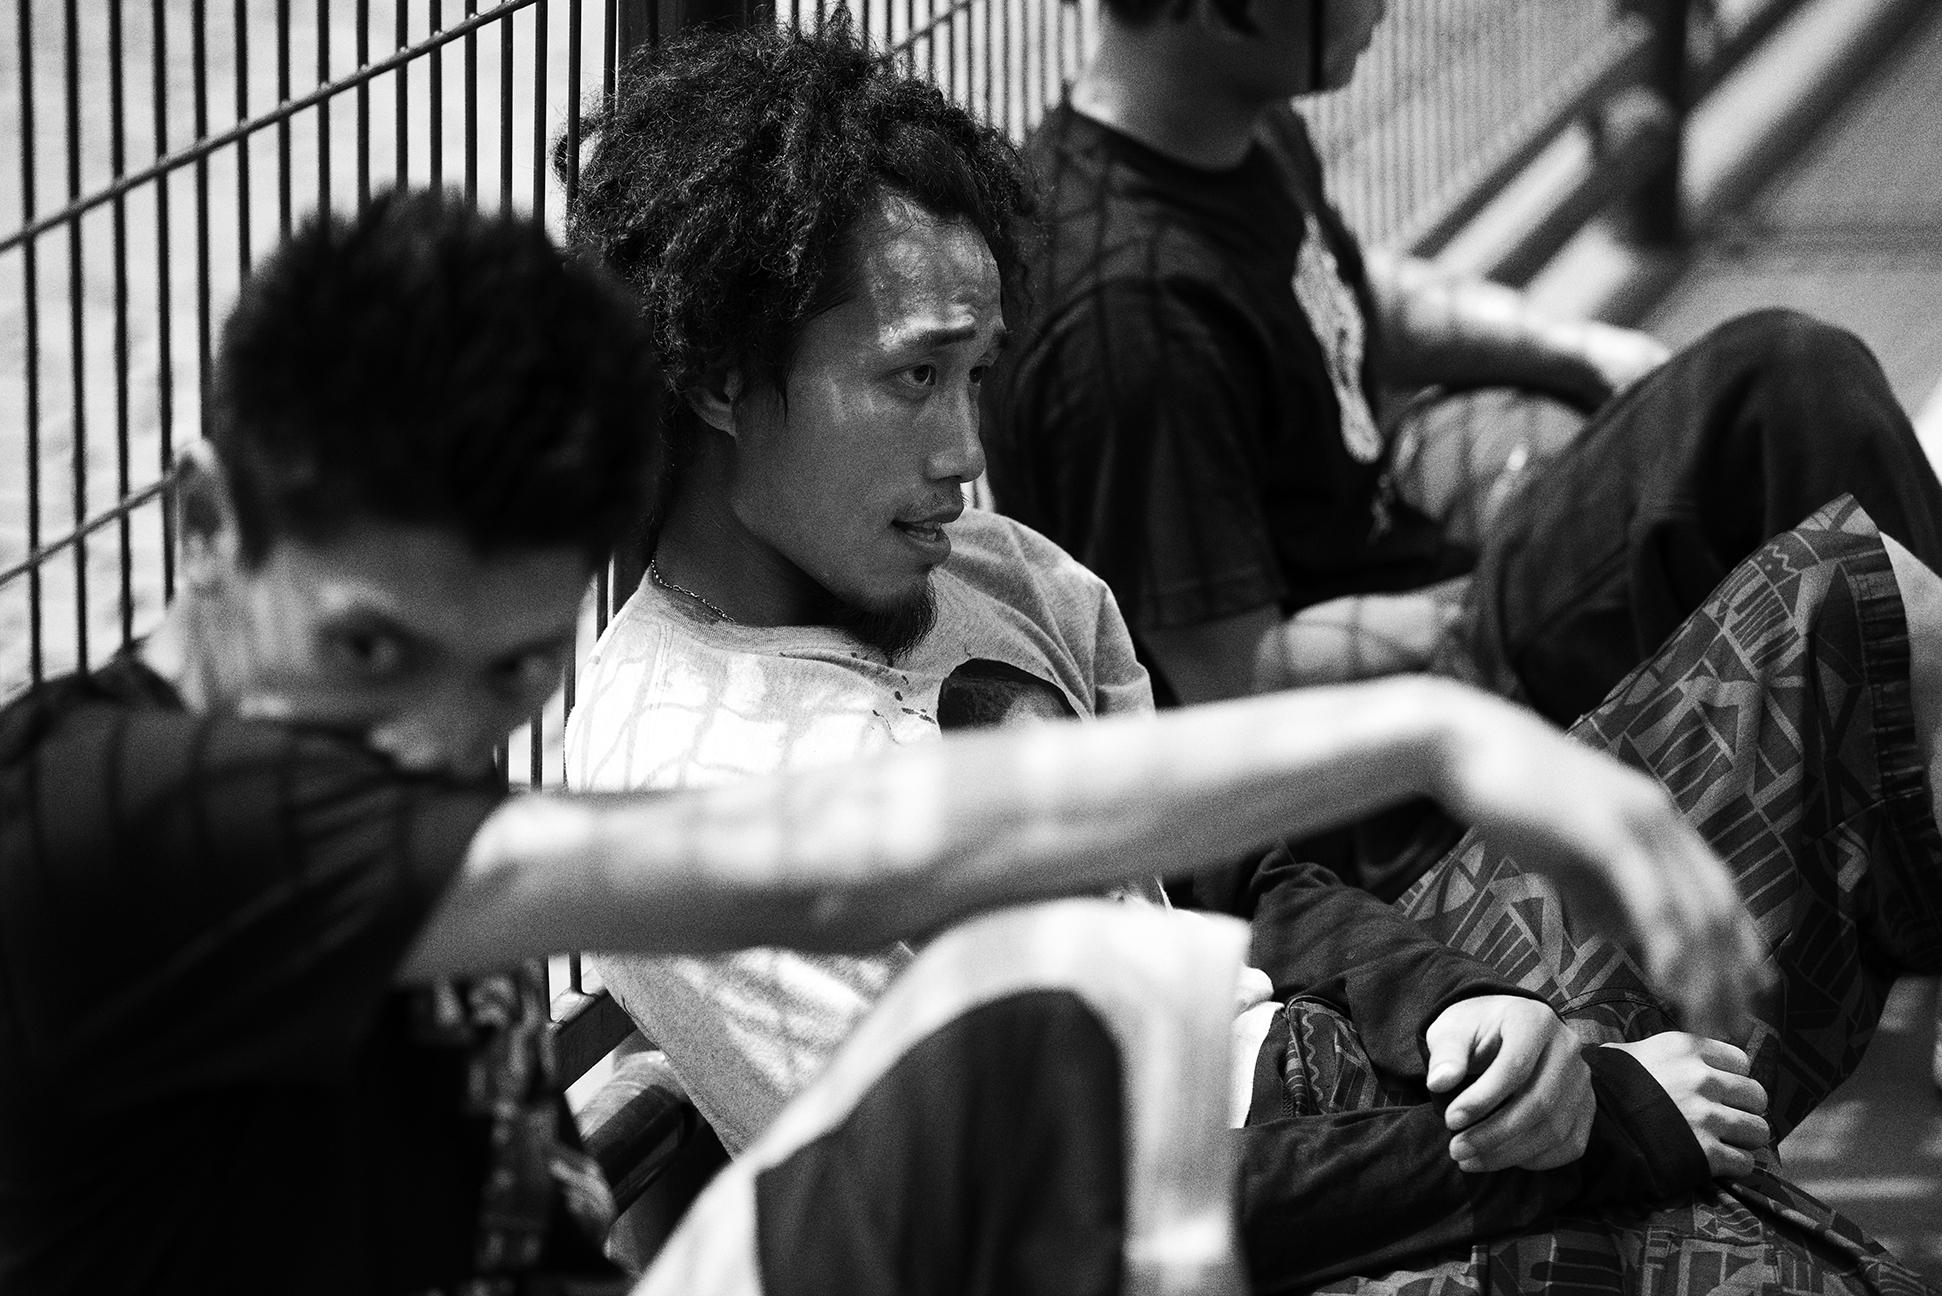 09_TIM_BARBER_NIKE_CHINA.jpg